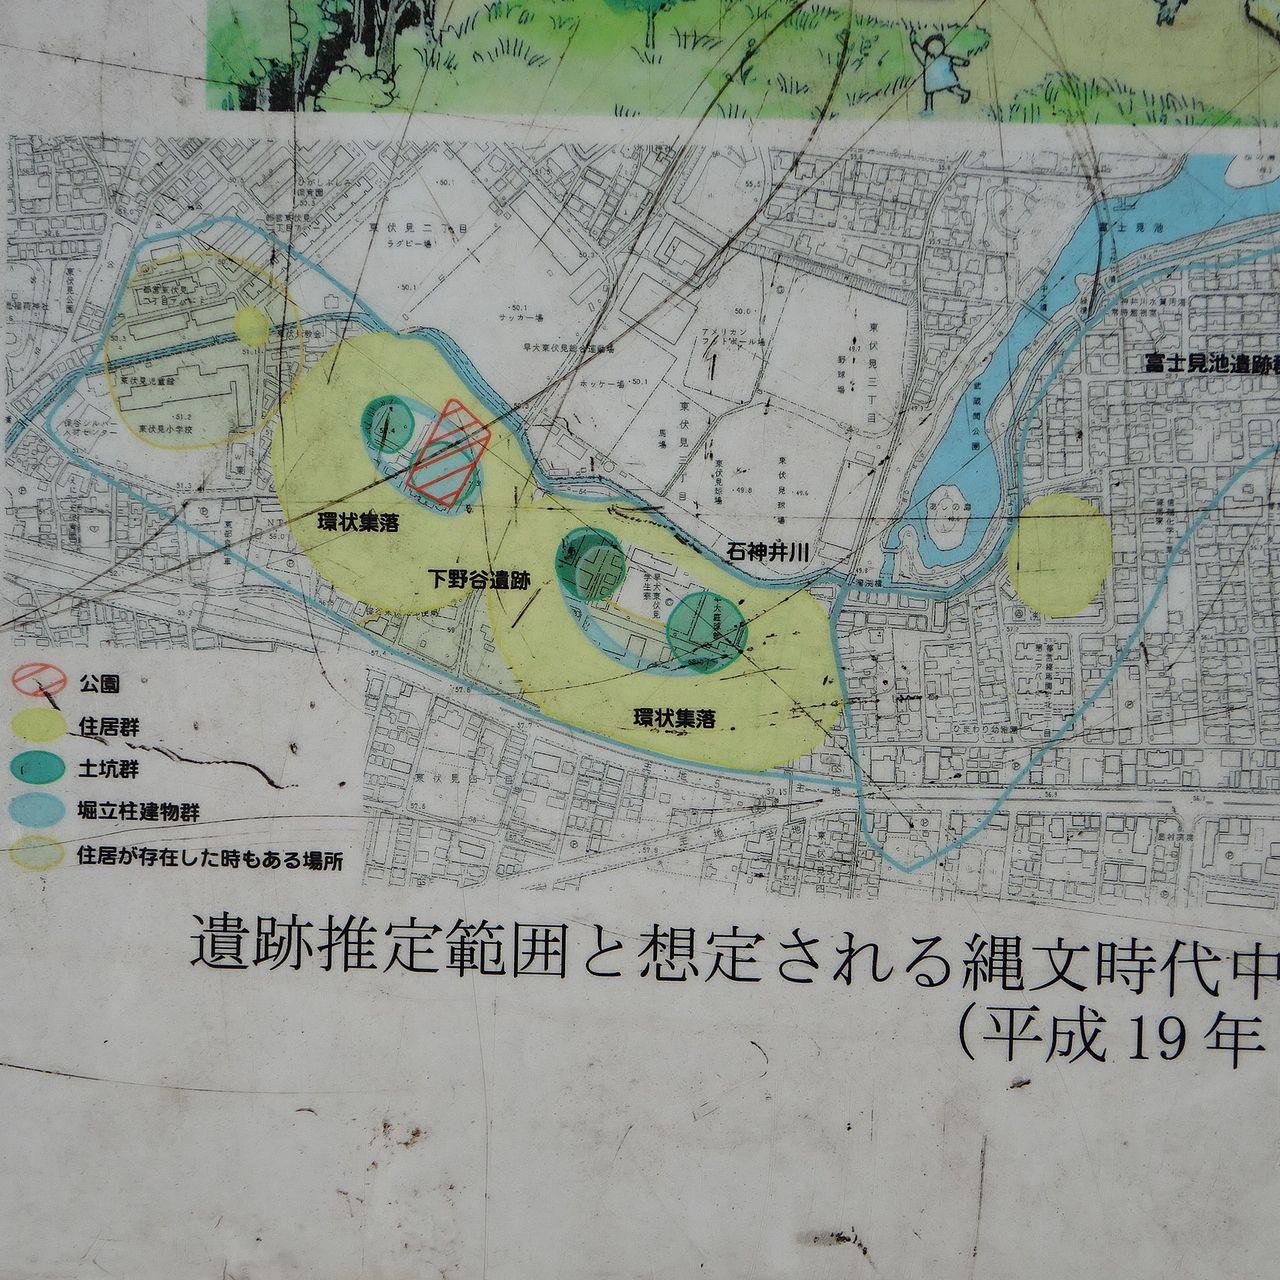 石神井川一帯に広がる集落の地図